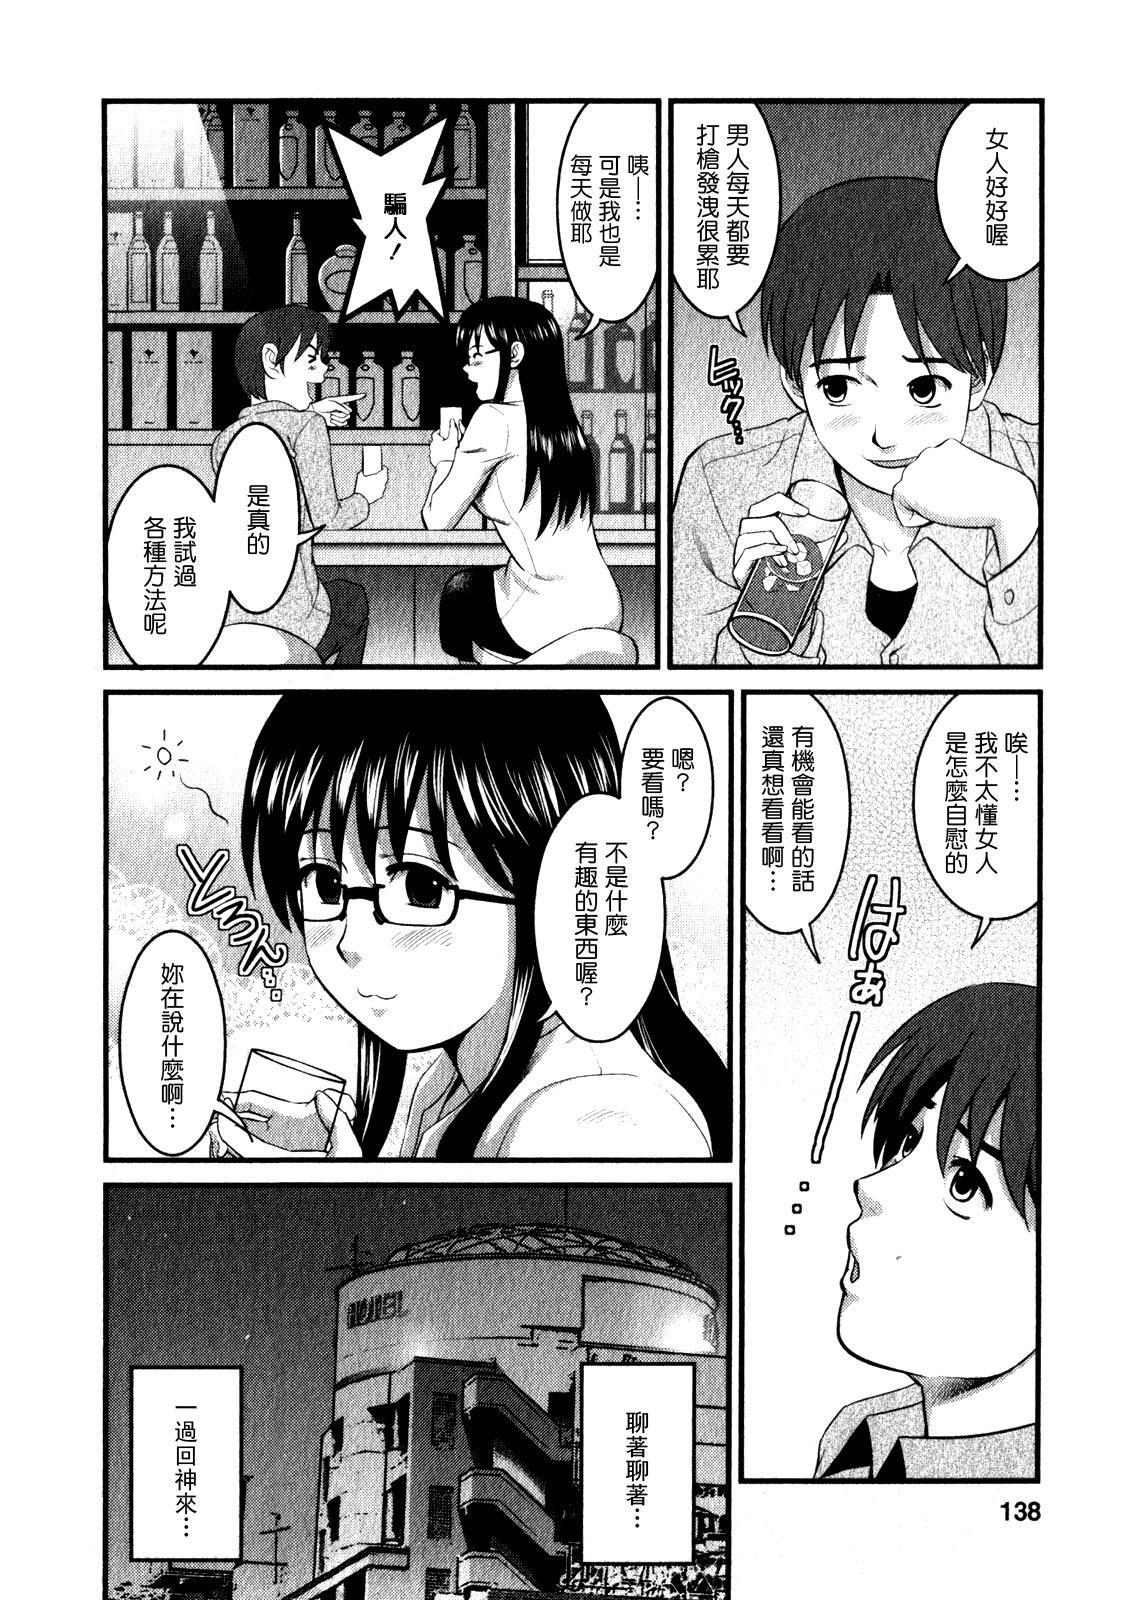 Otaku no Megami-san 1 135